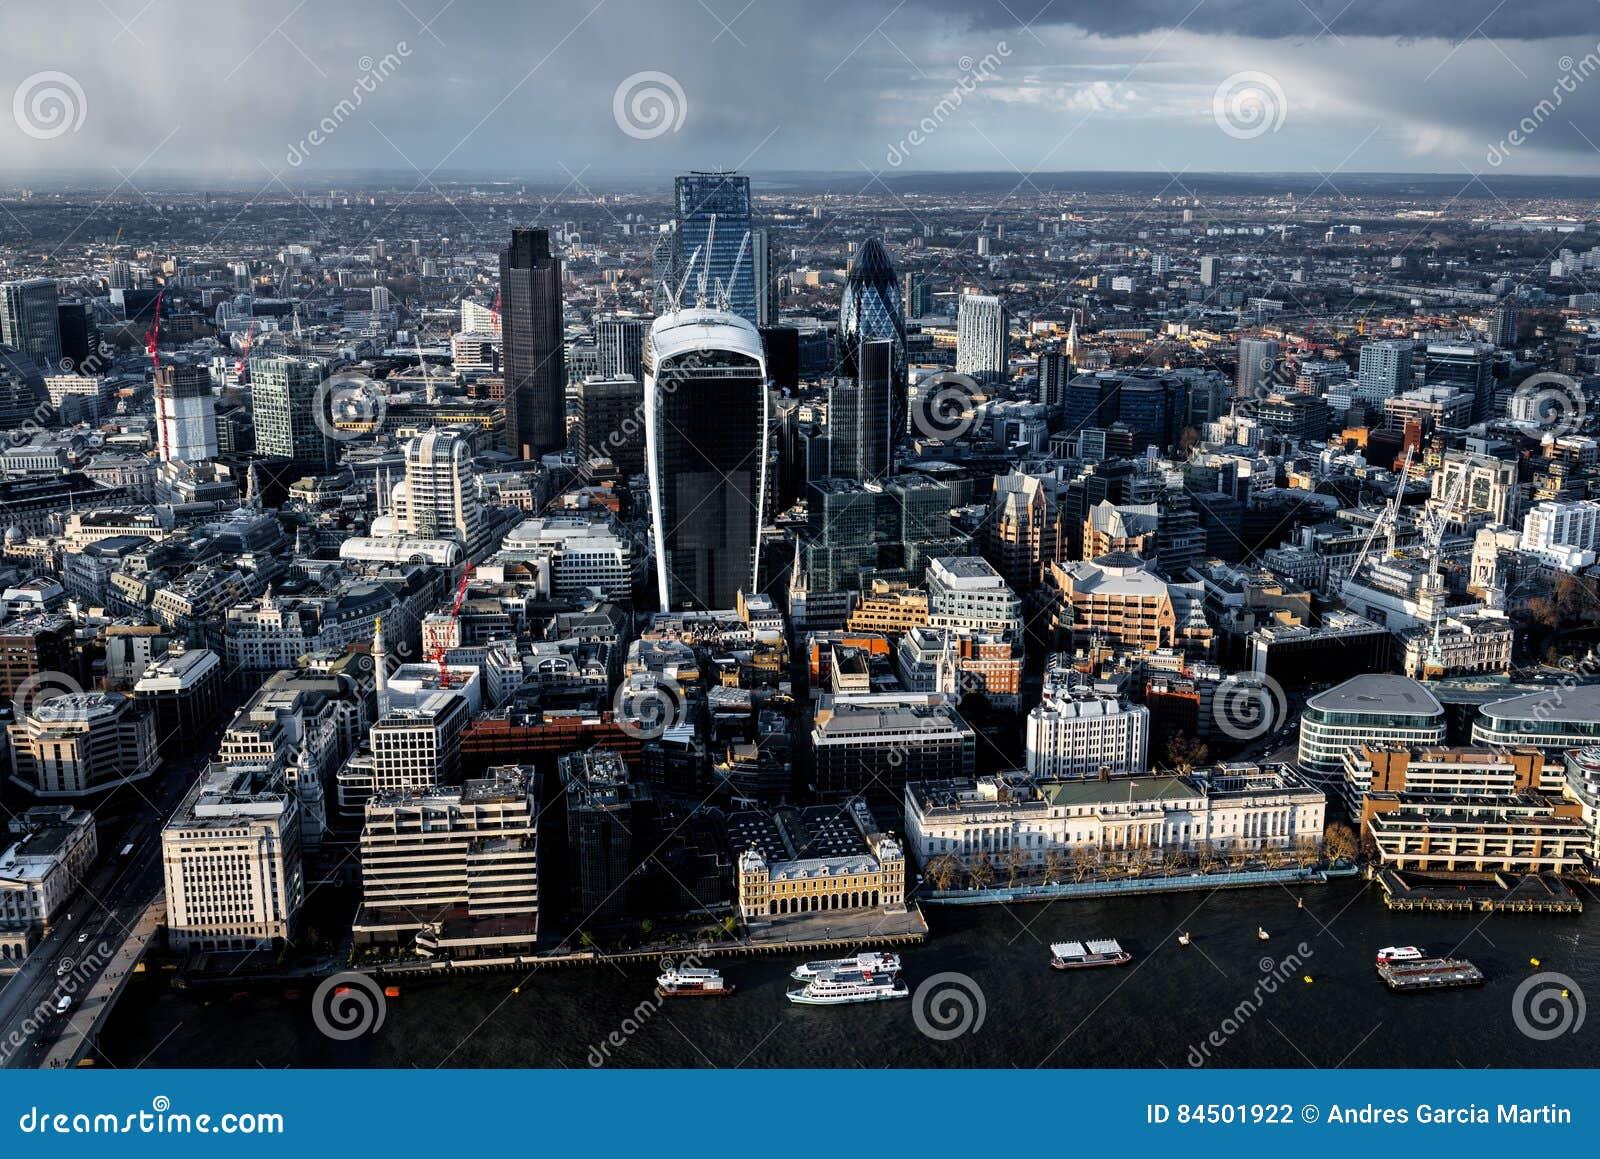 泰晤士河和城市鸟瞰图在伦敦